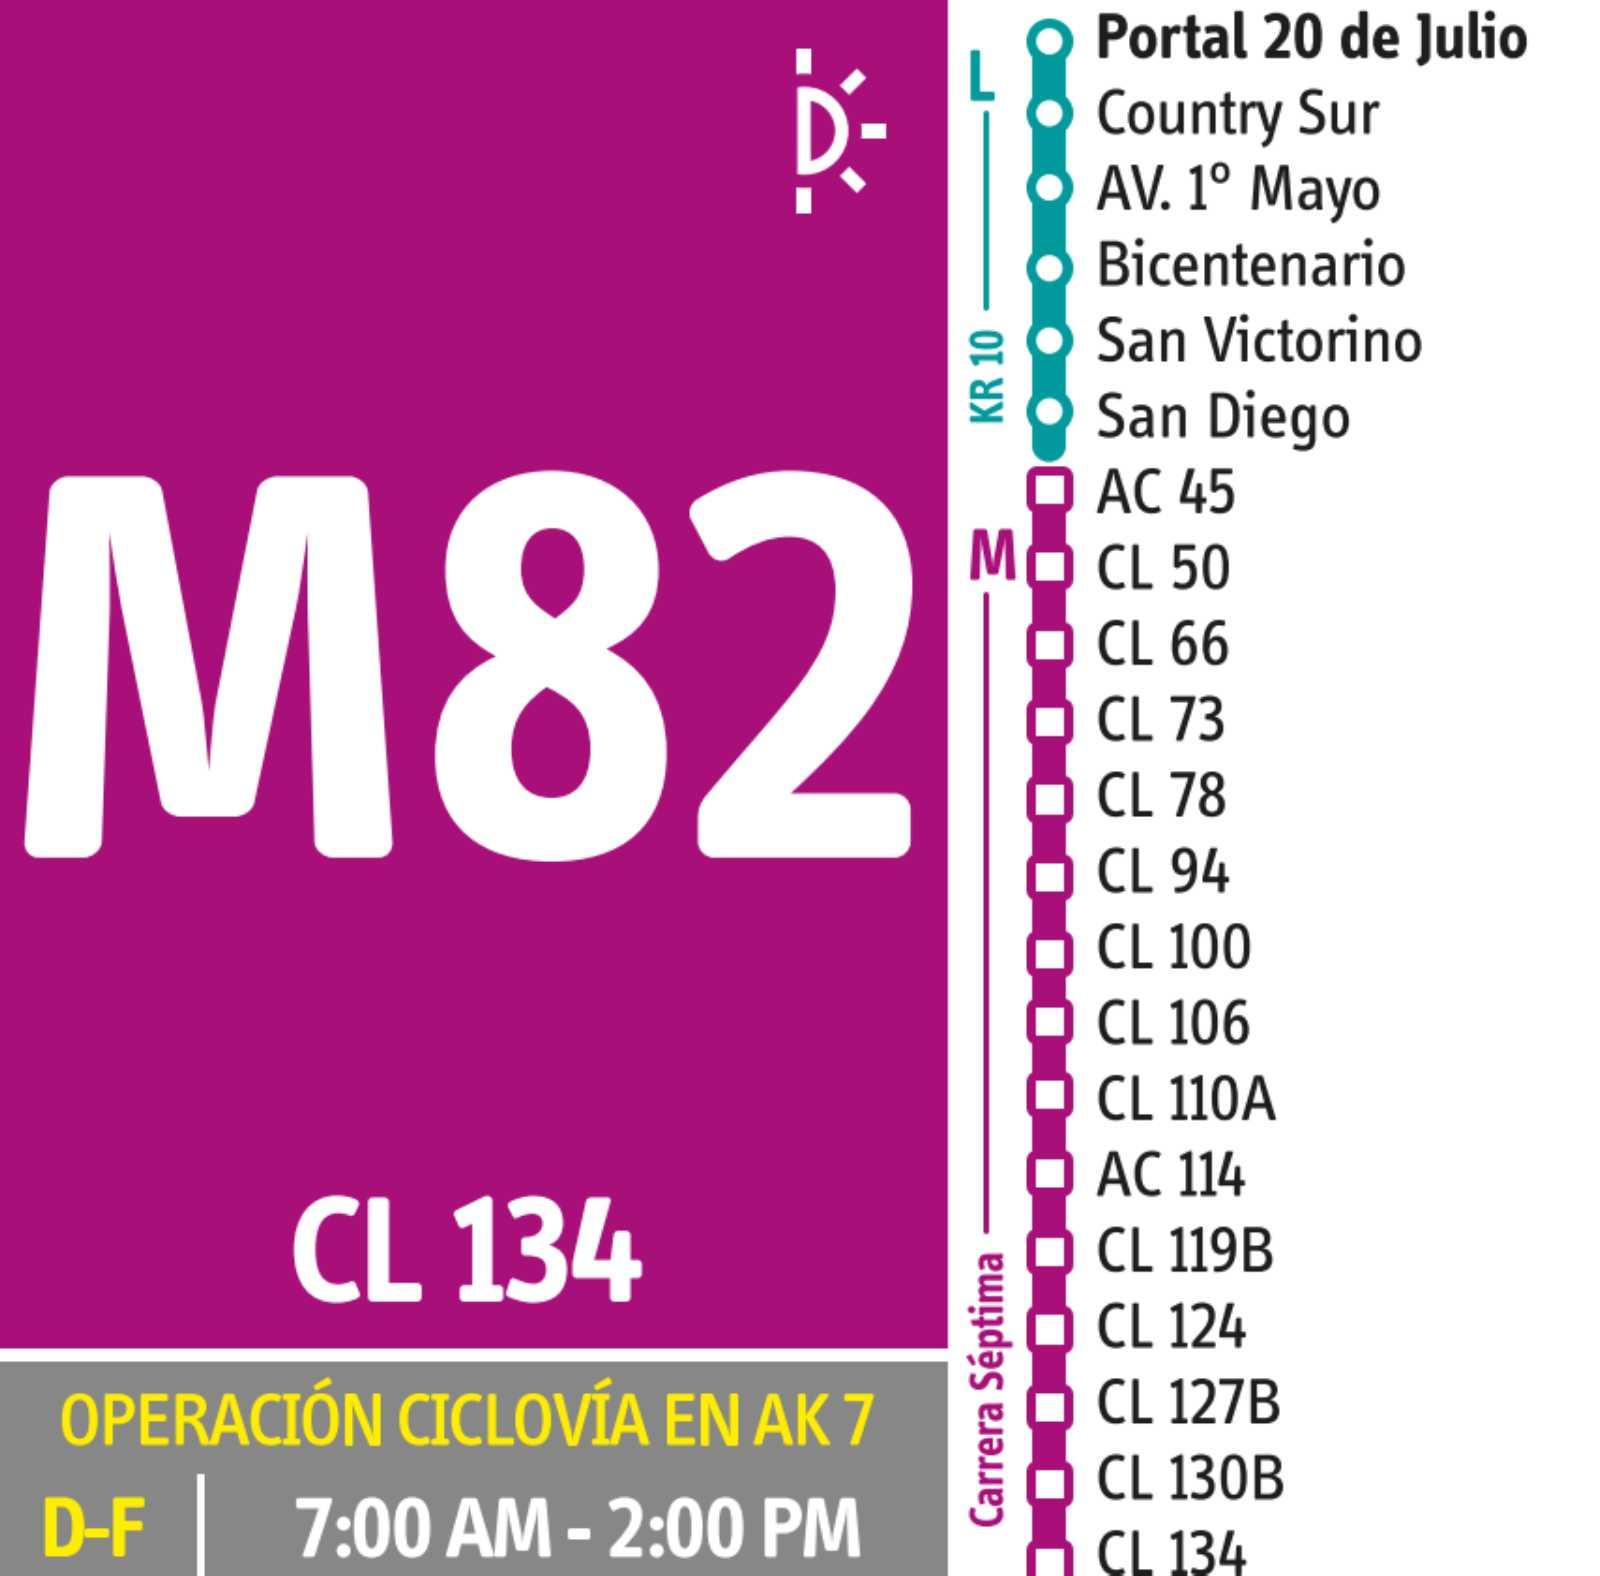 M82 > Portal 20 de Julio -Clínica El Bosque(DUAL) - festivos